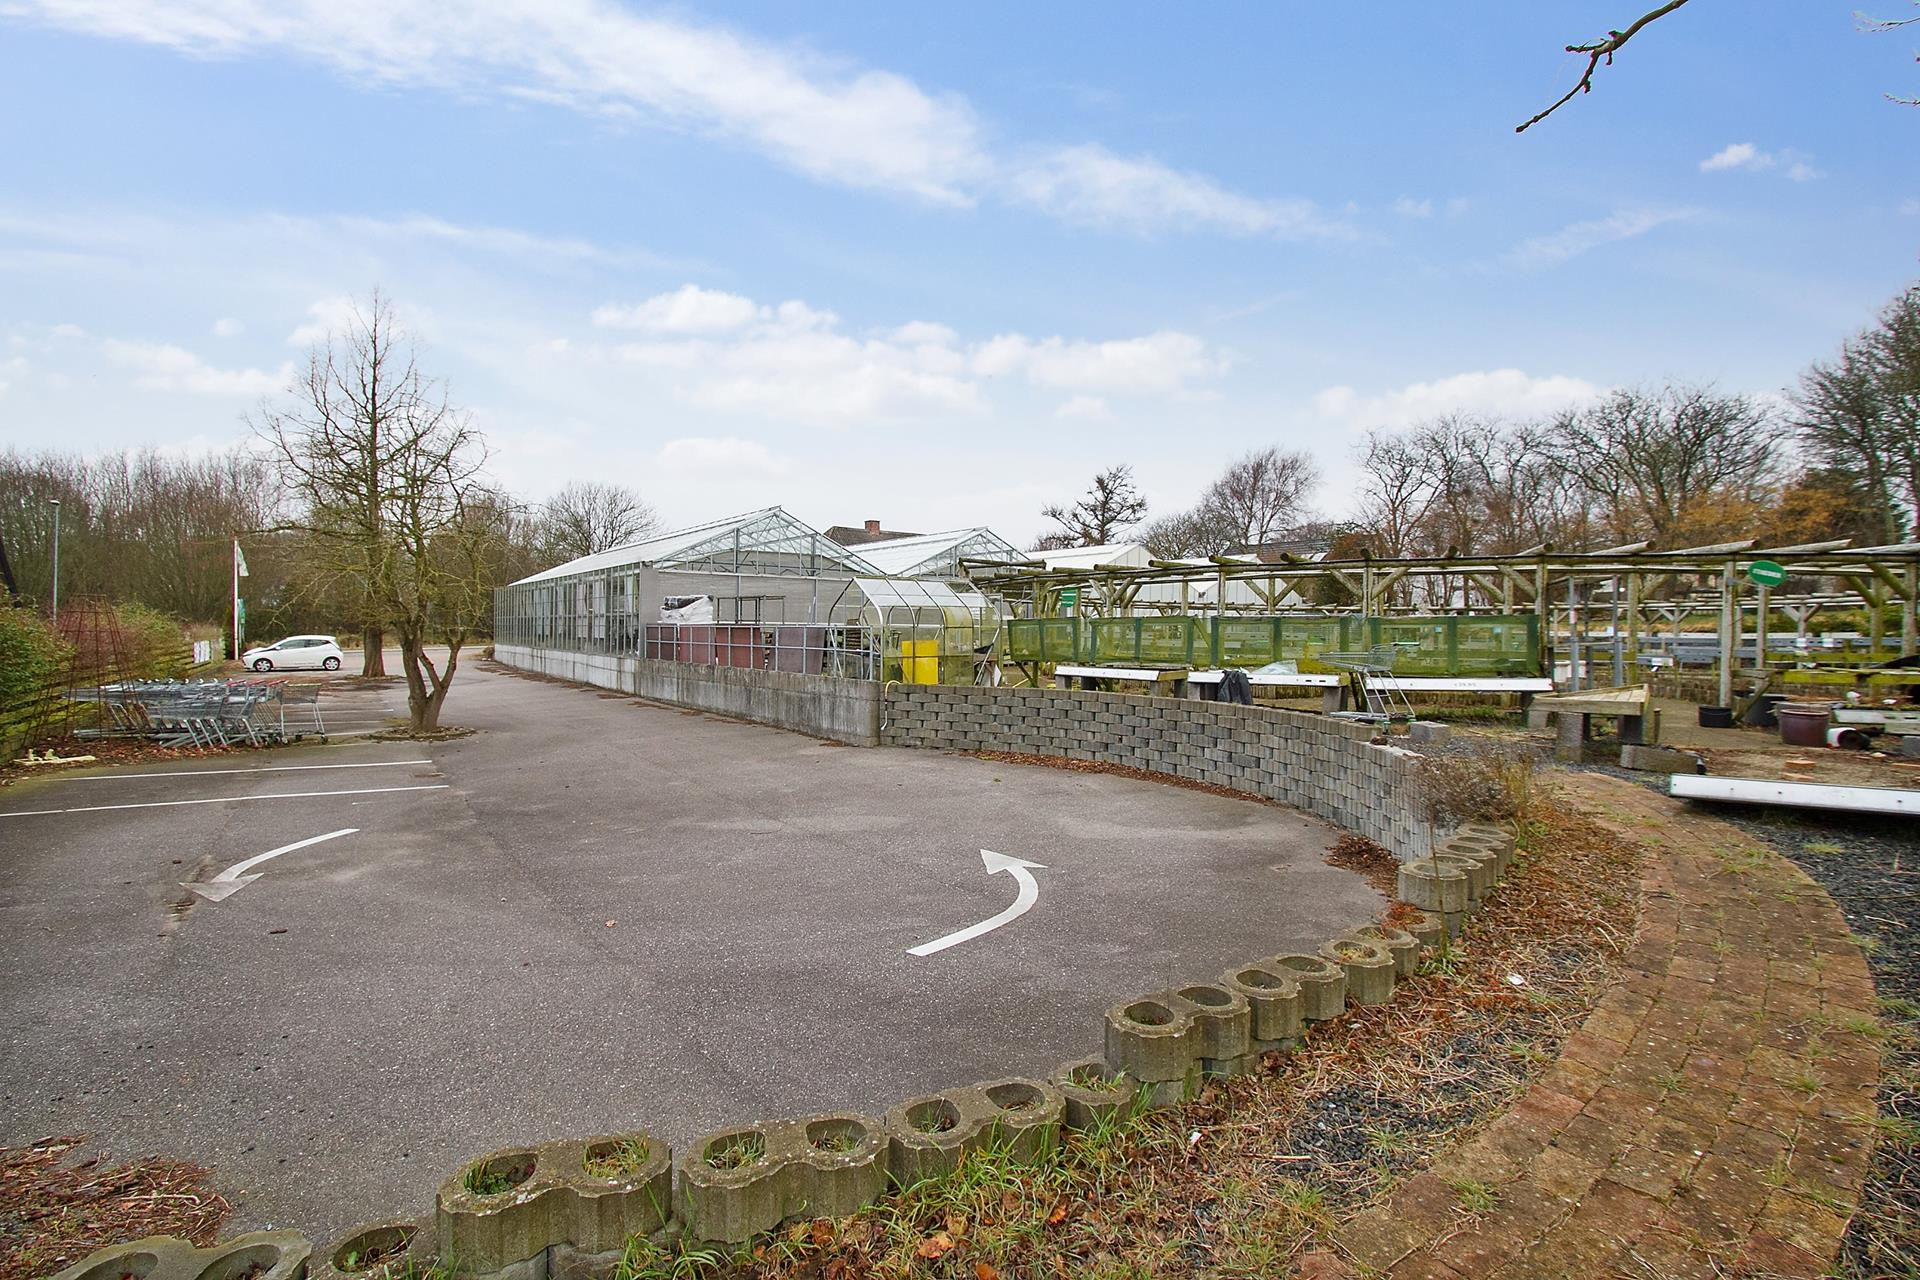 Bolig/erhverv på Aggersundvej i Fjerritslev - Parkeringsareal